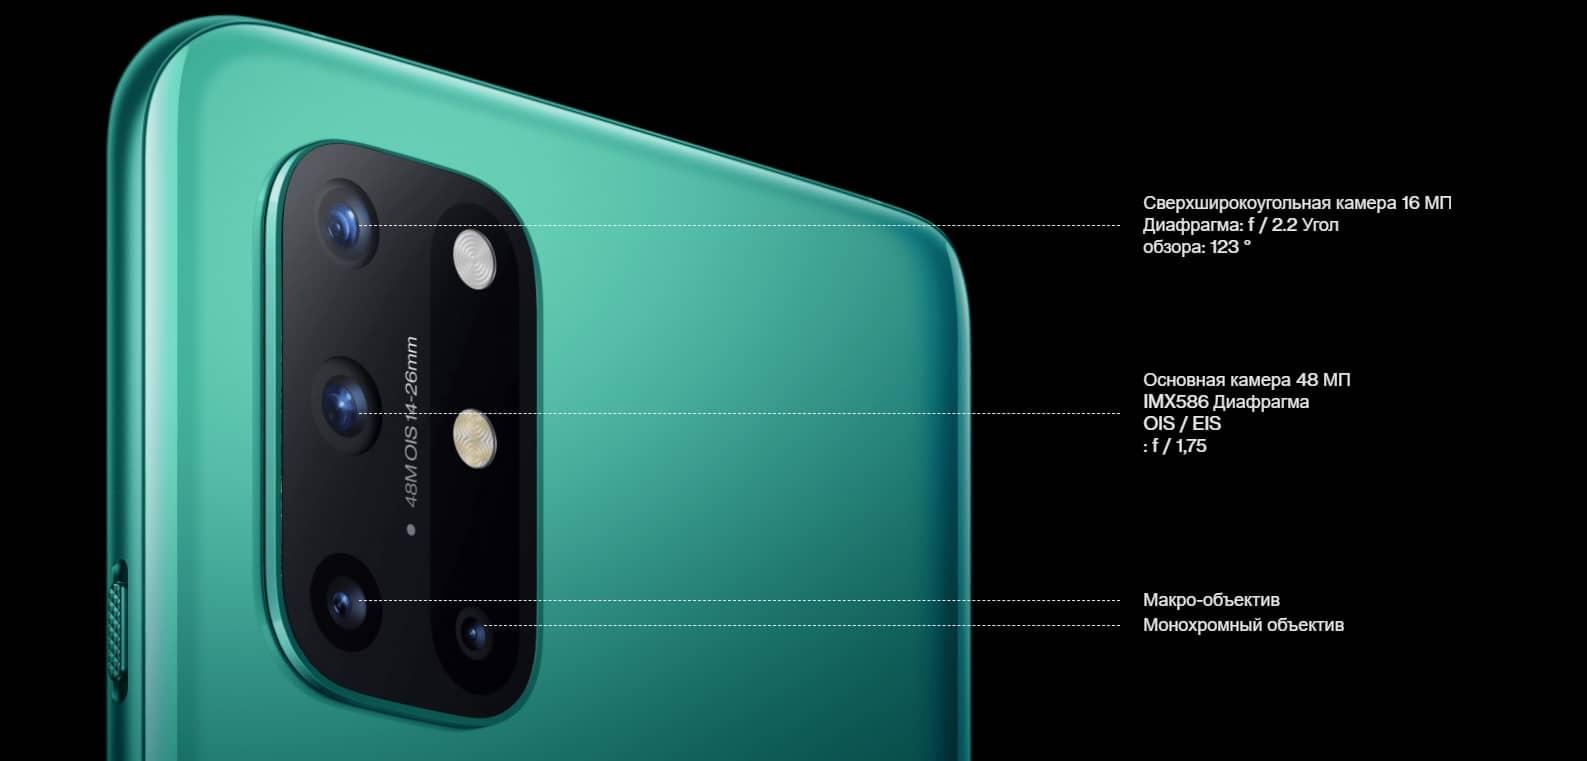 OnePlus 8T основной блок камер